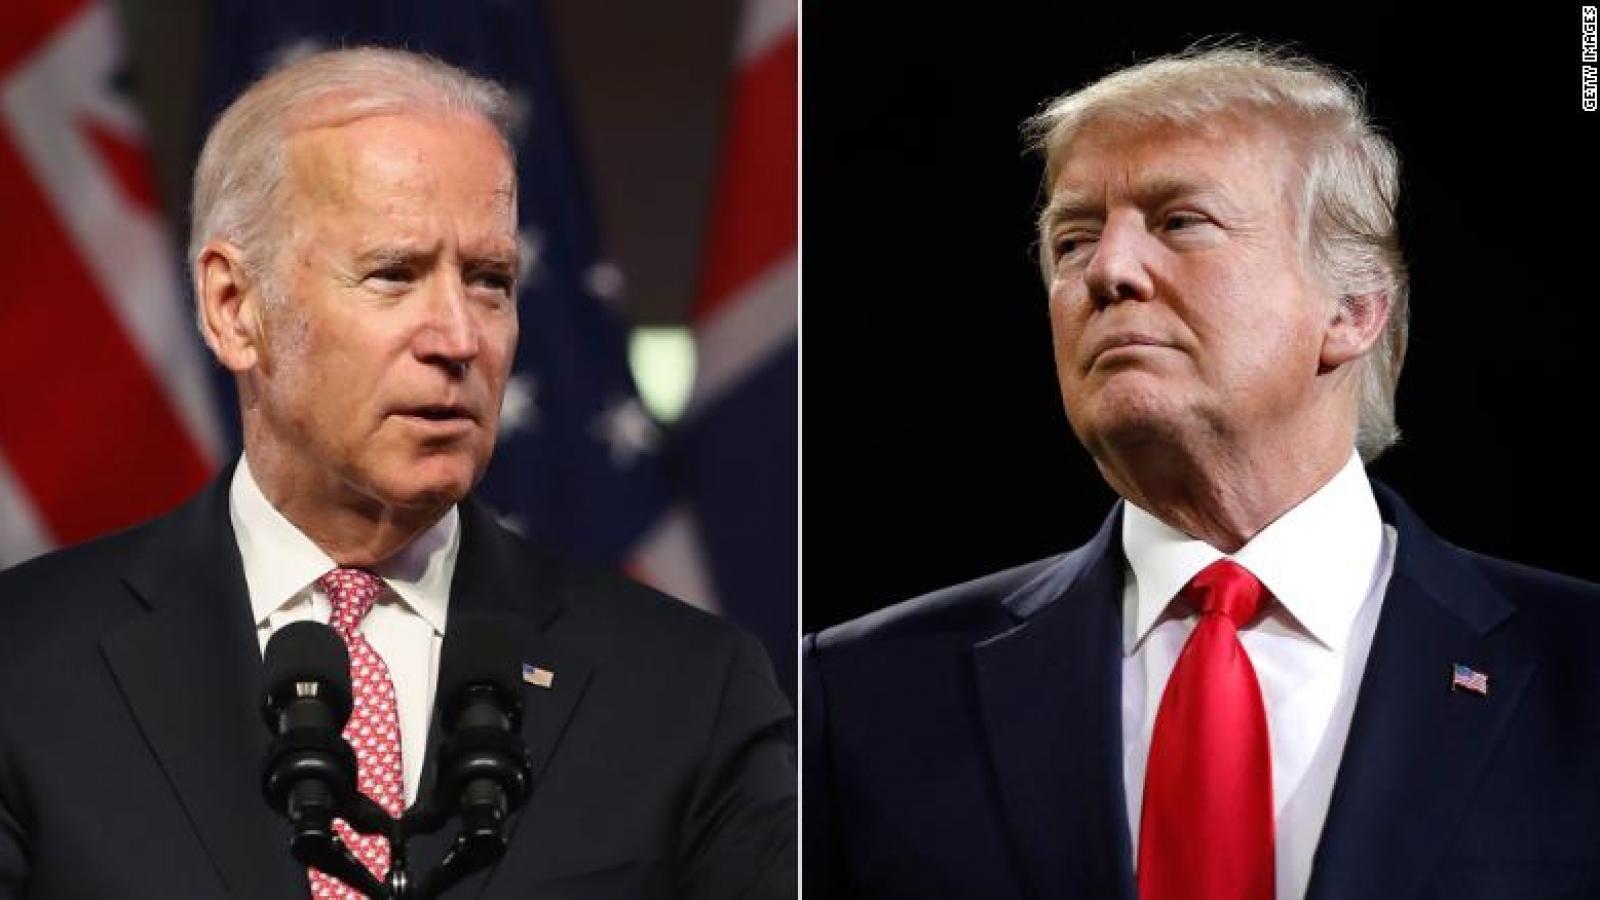 Tỷ lệ cử tri Mỹ quan tâm tới bầu cử tổng thống 2020 cao gần mức kỷ lục